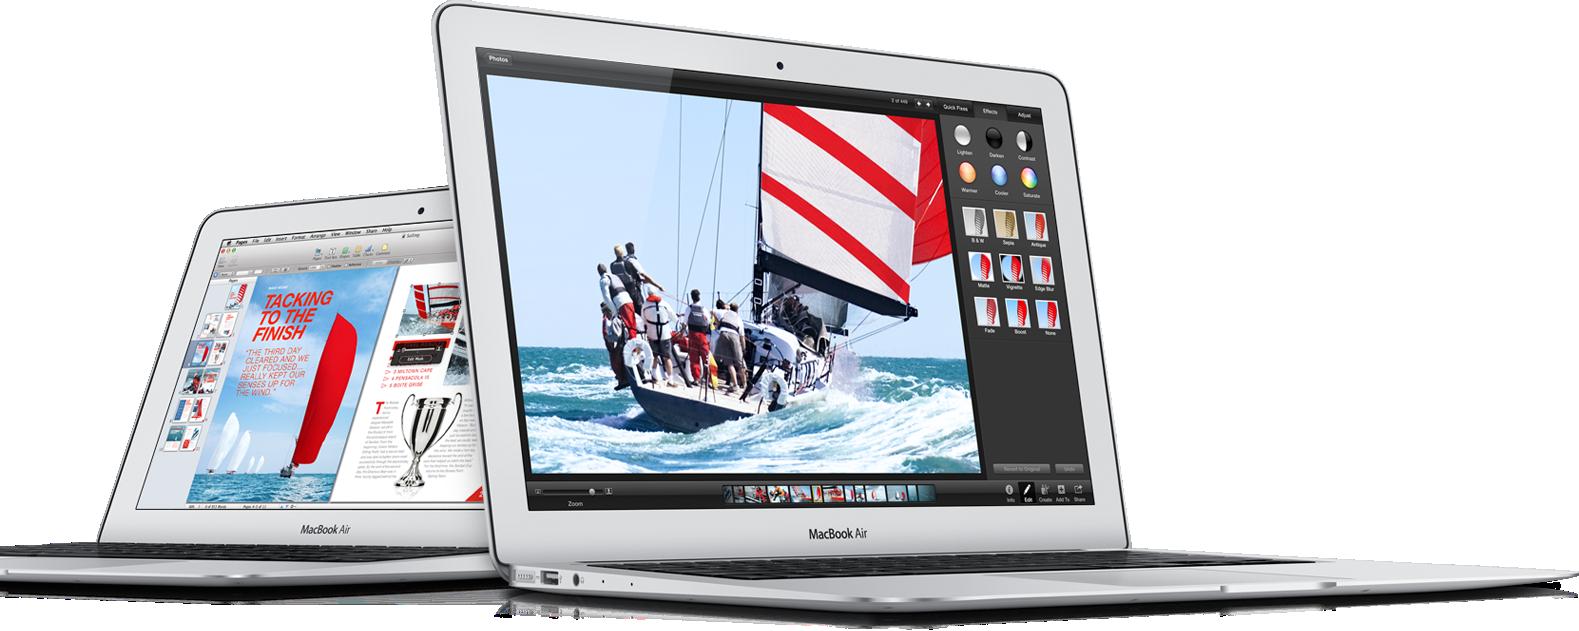 Novos MacBooks Air de frente e de lado